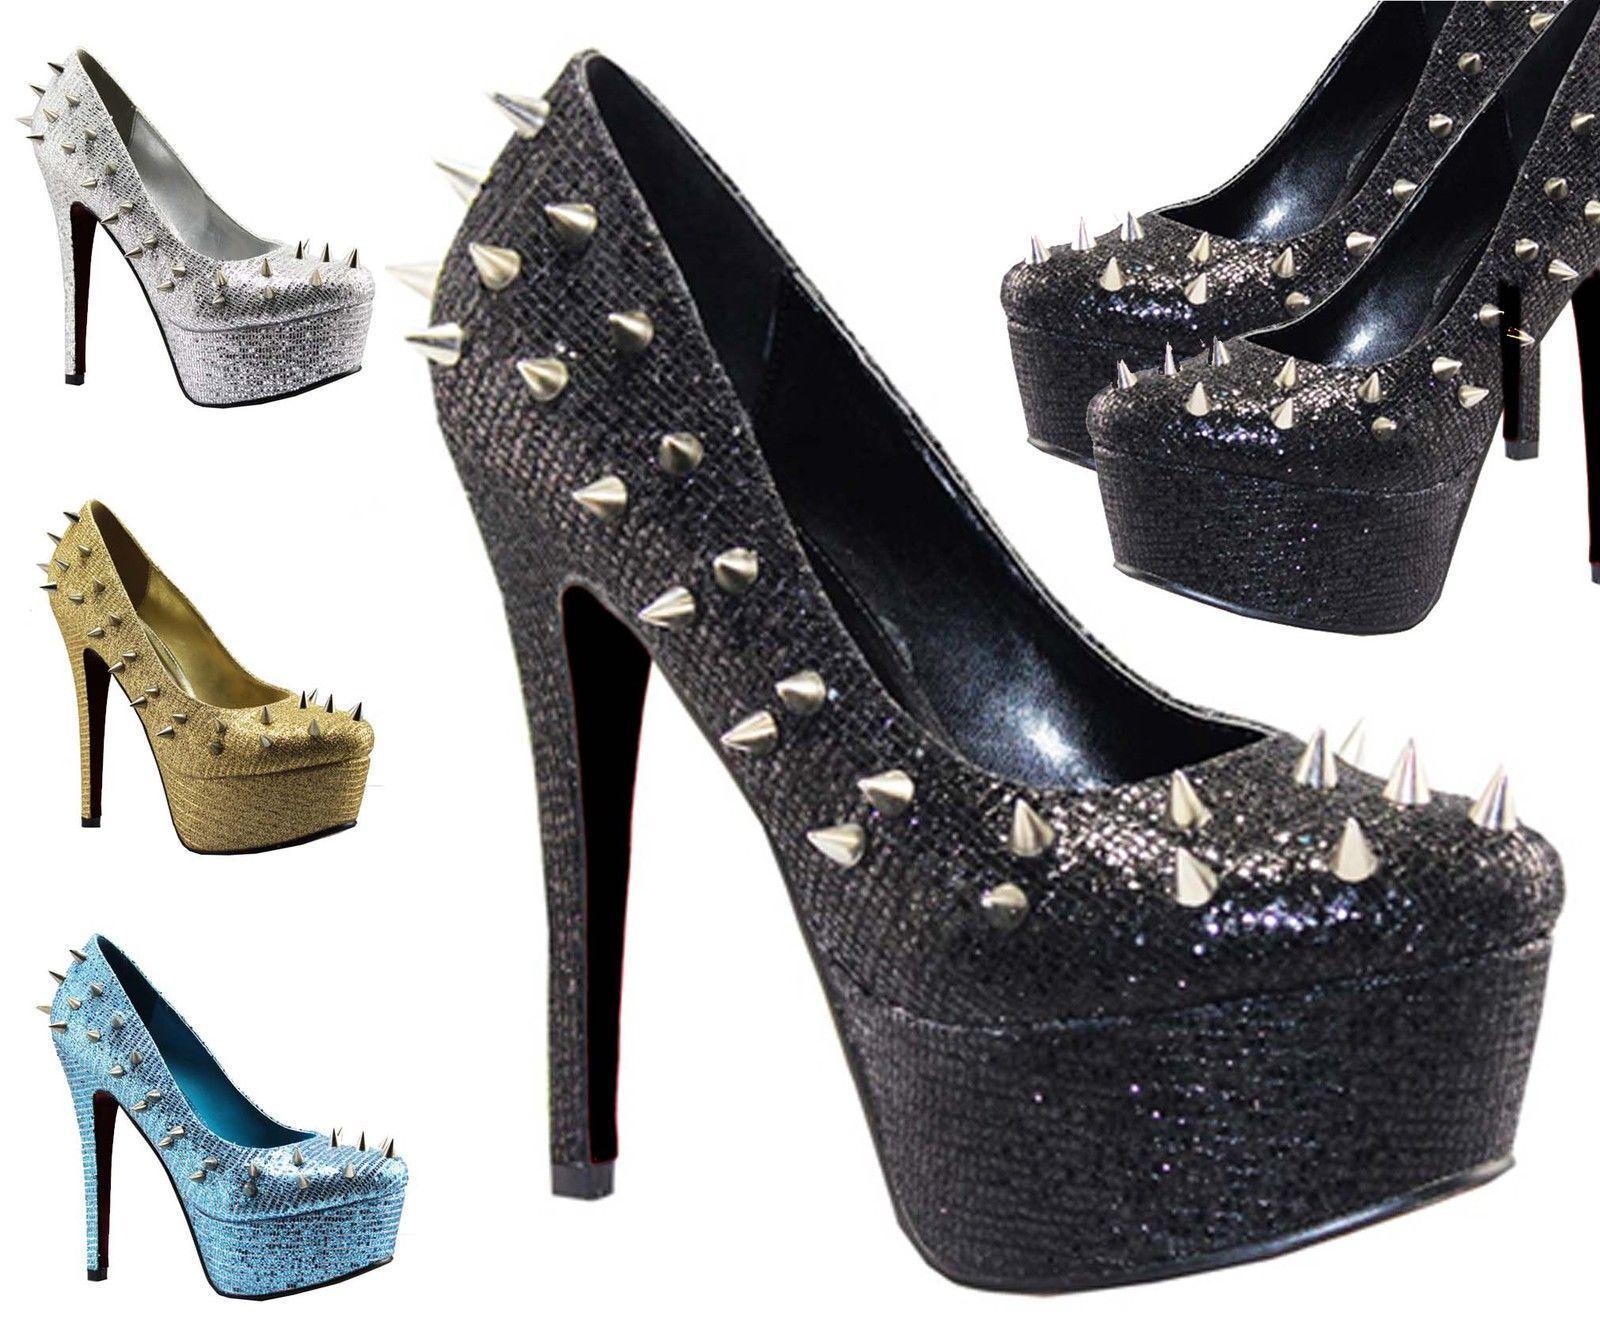 Tacón Stiletto Mujer Plataforma Pinchos Tachones Zapatos De Salón Mujer